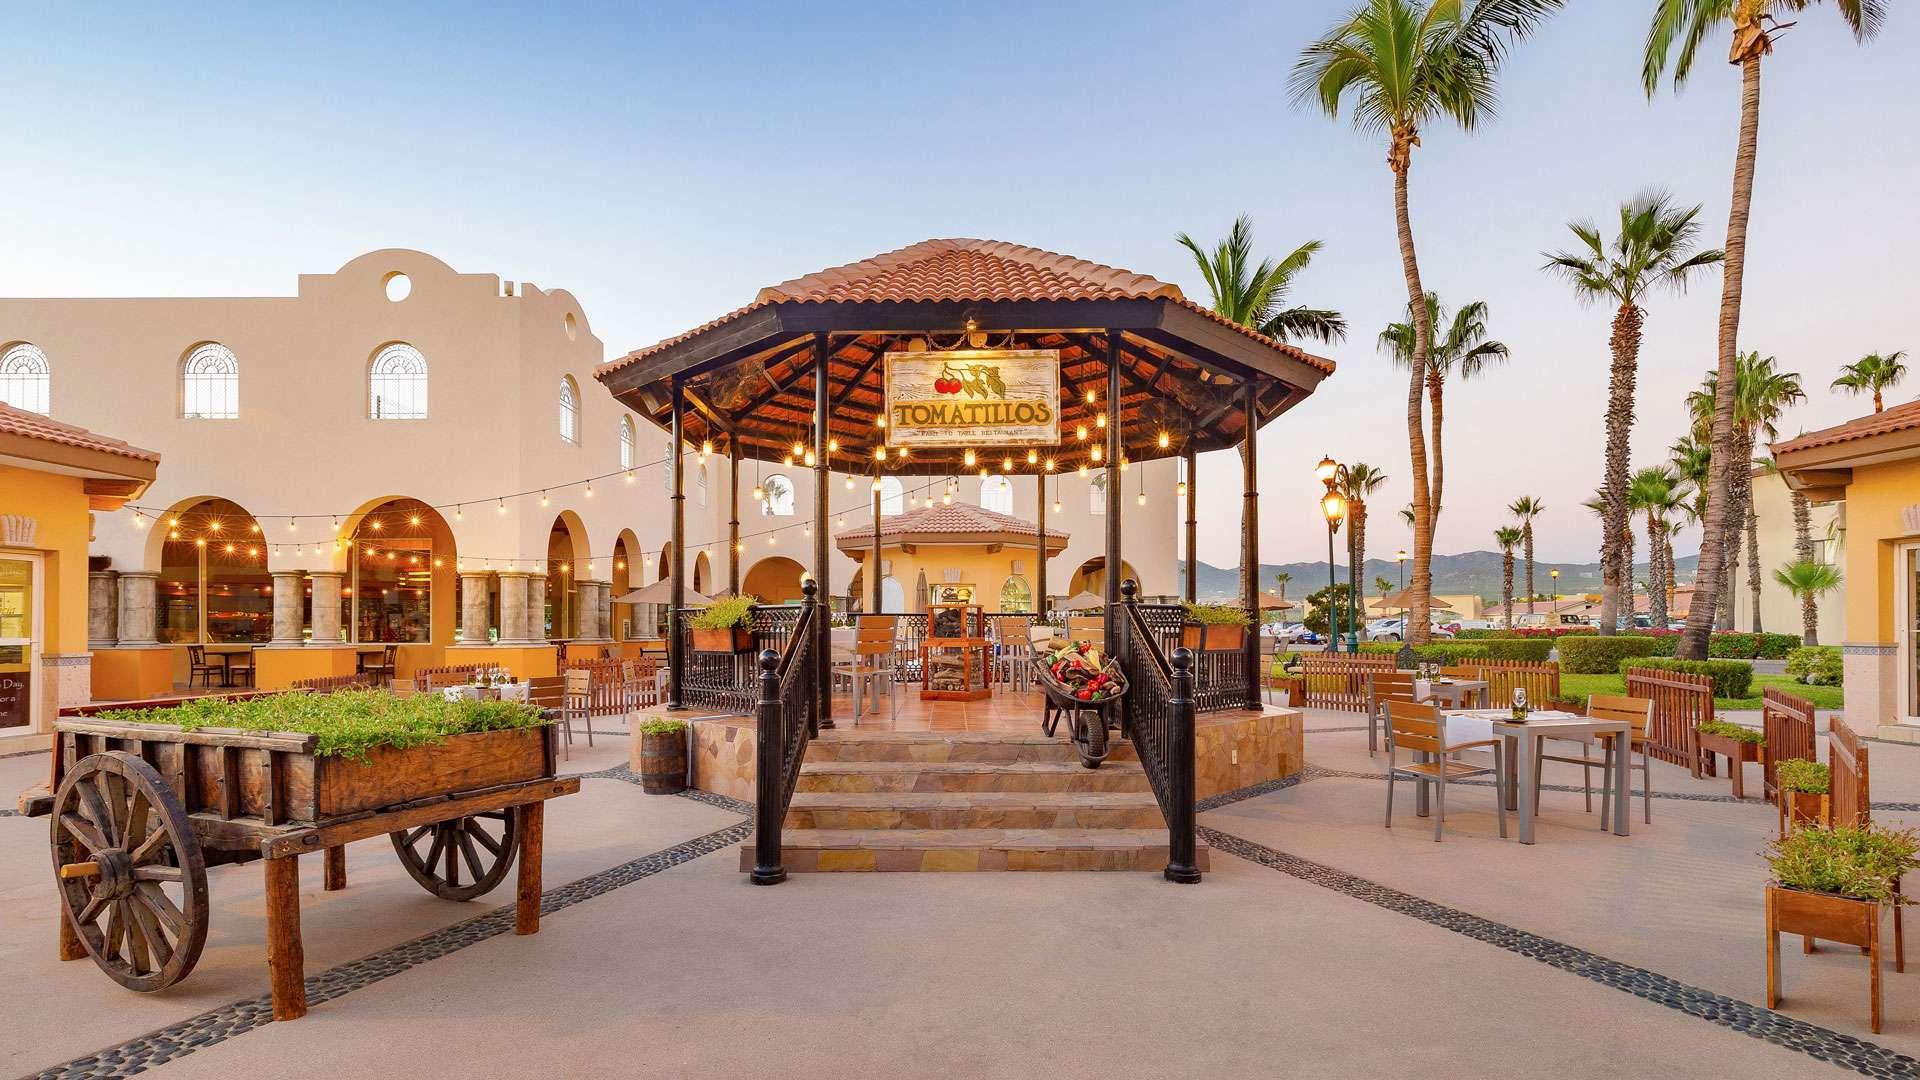 Villa Del Palmar Cabo San Lucas Tomatillos Instalaciones